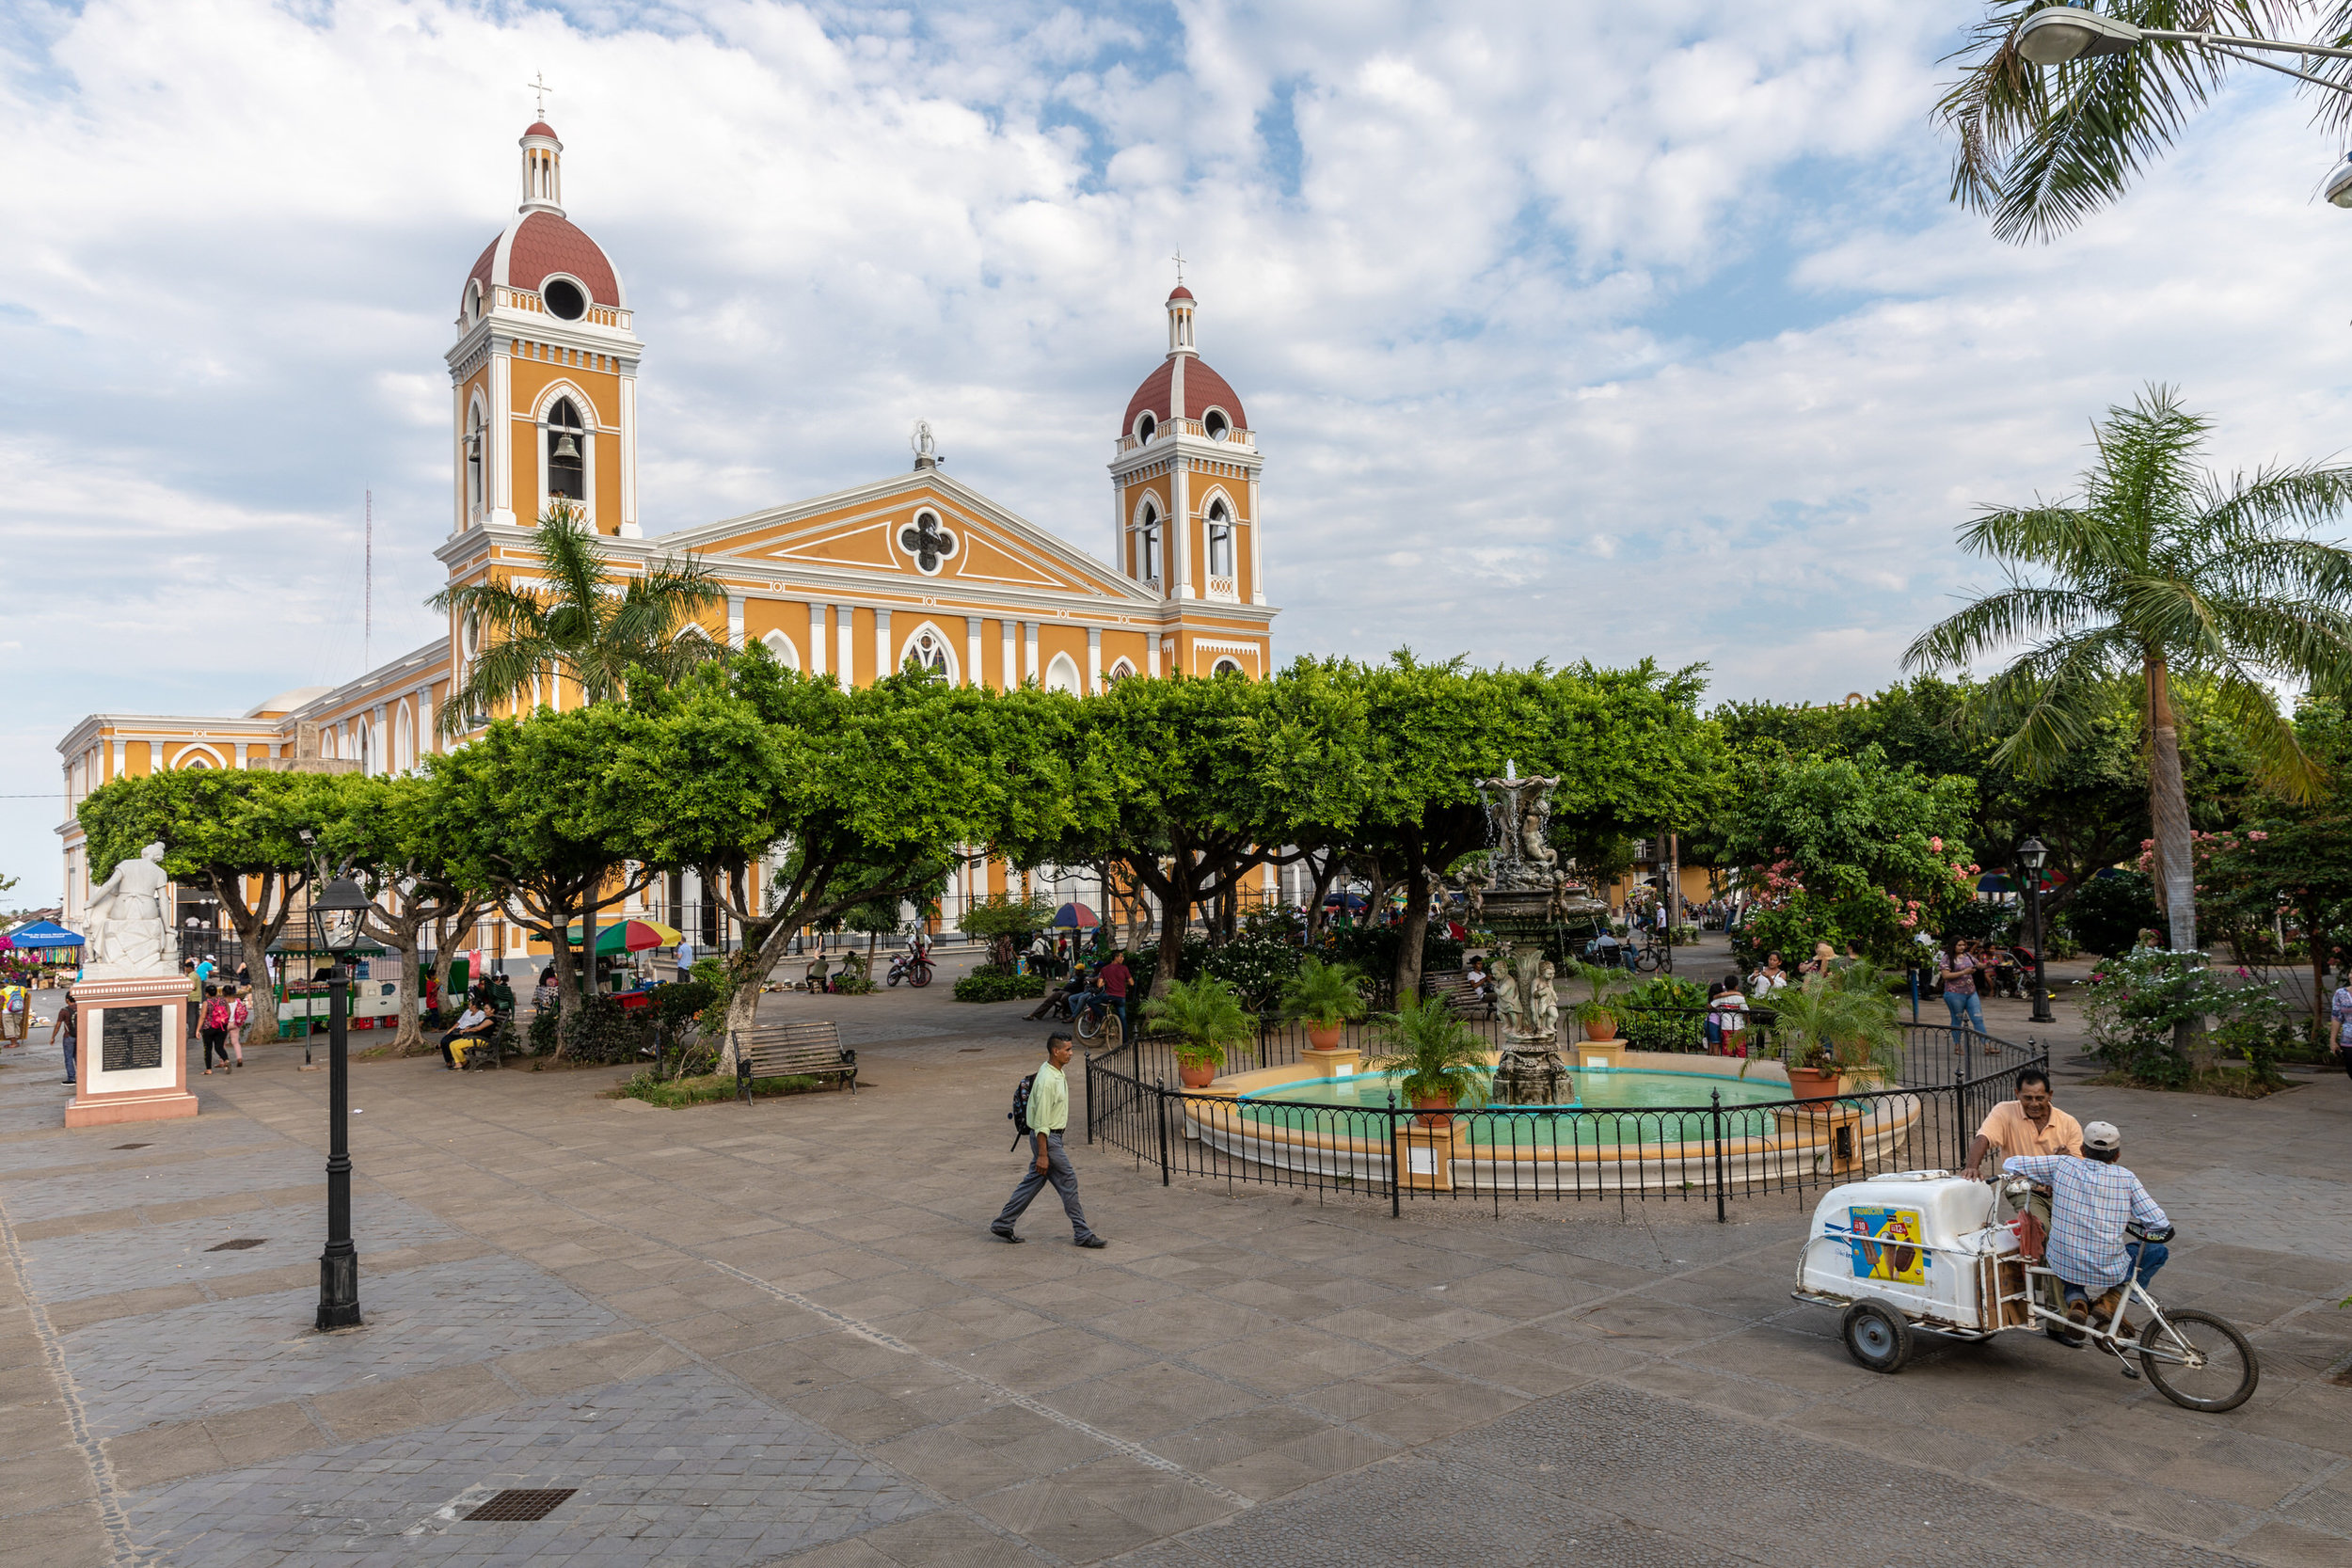 Day 4: Granada City Tour